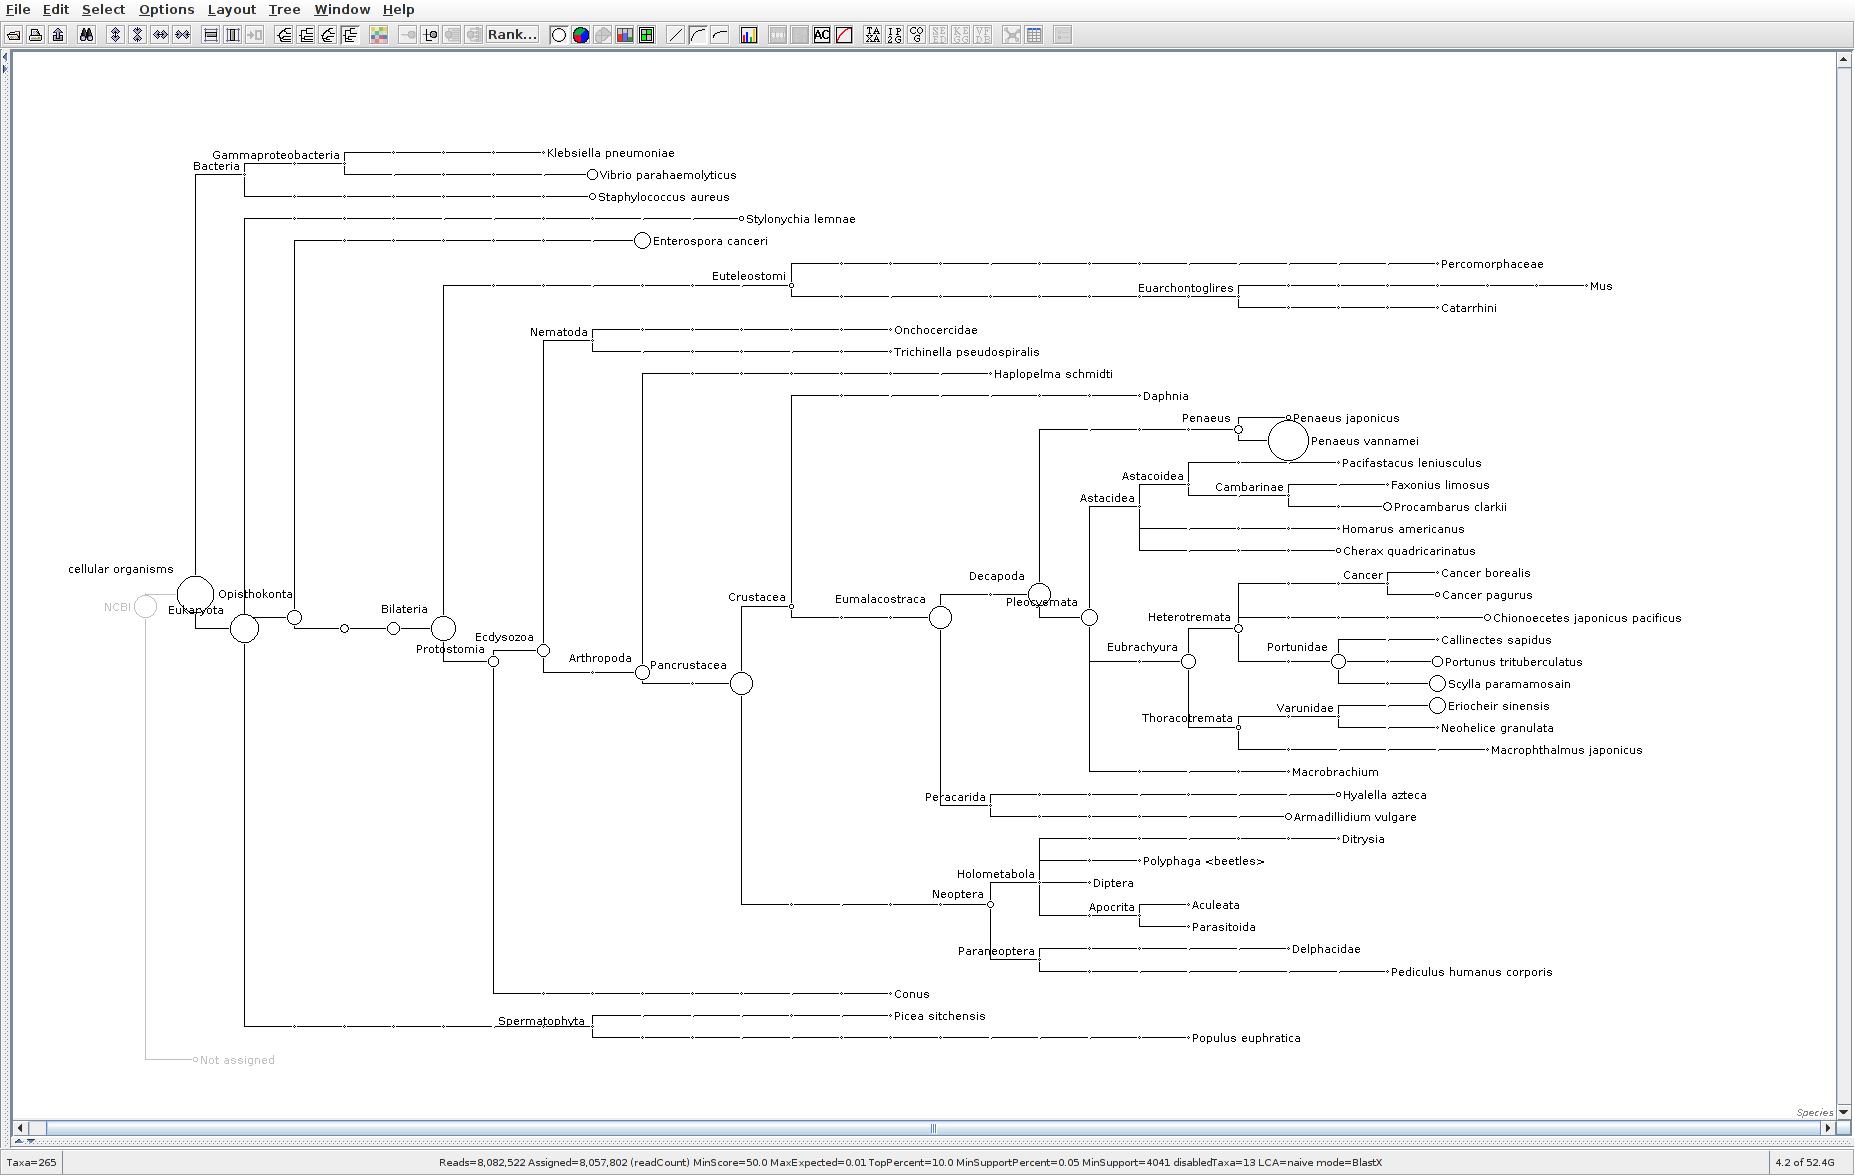 113 MEGAN6 taxonomic tree